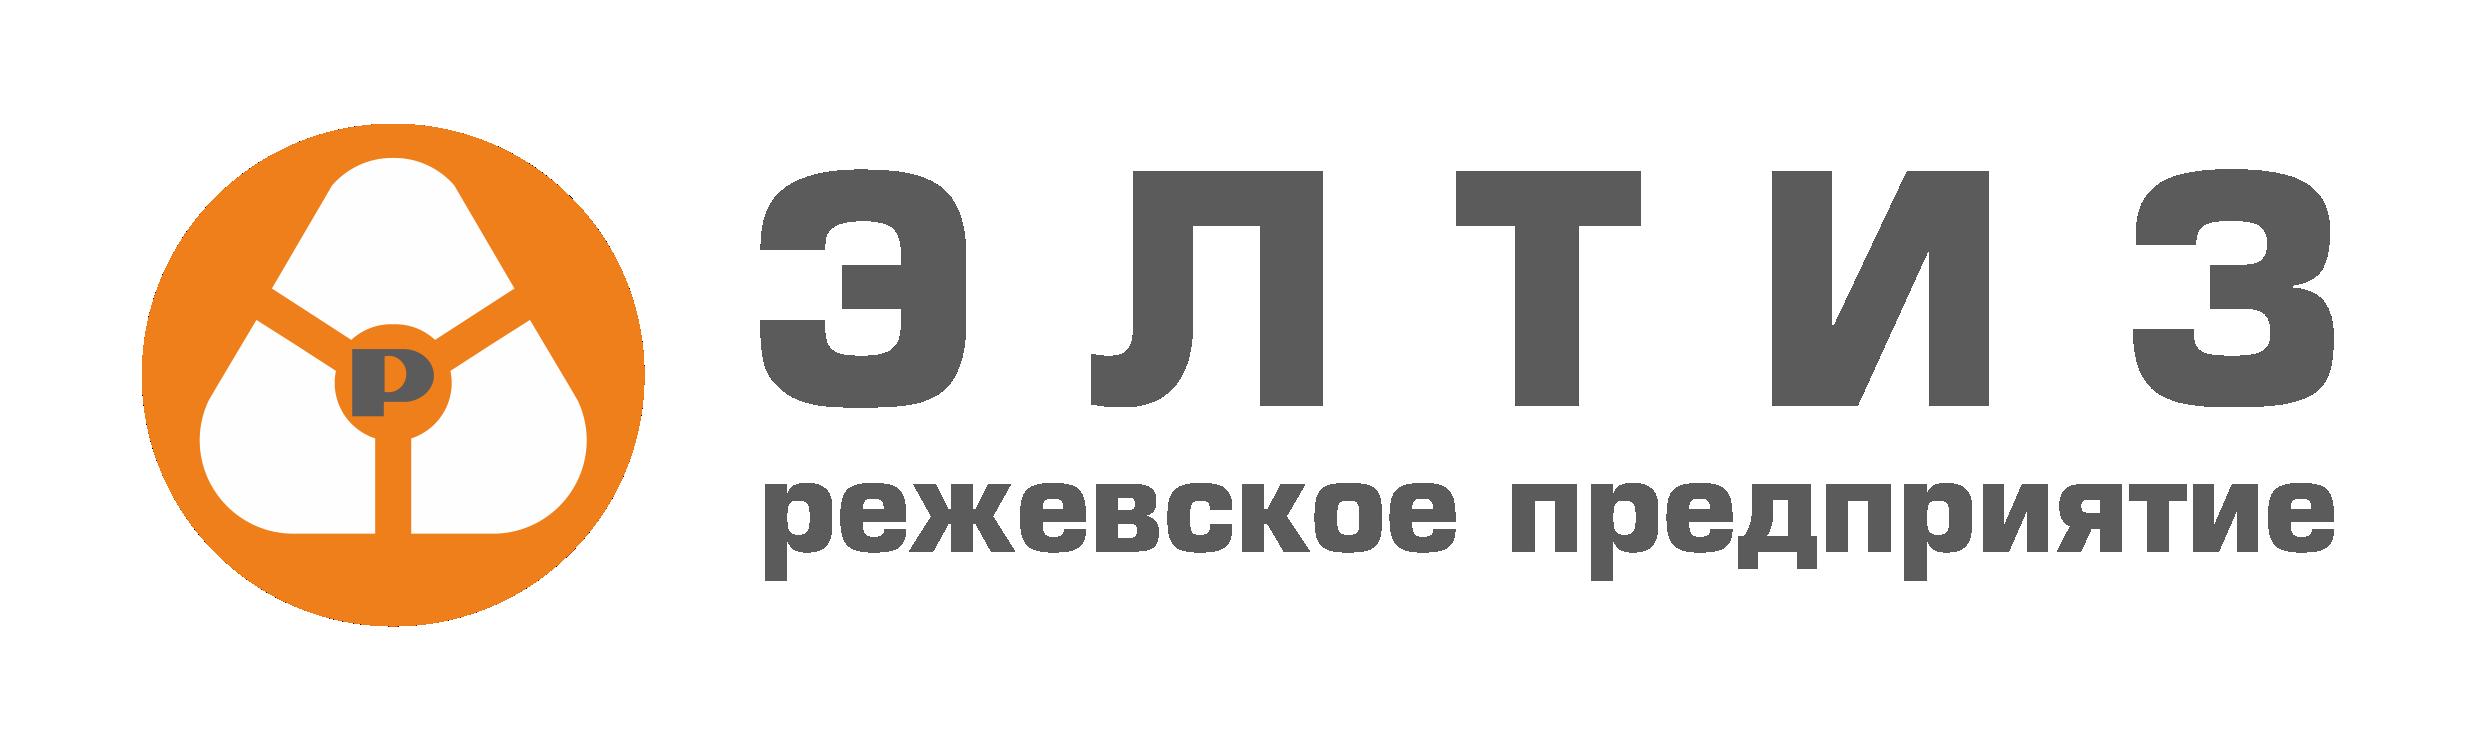 """Режевское предприятие """"ЭЛТИЗ"""""""